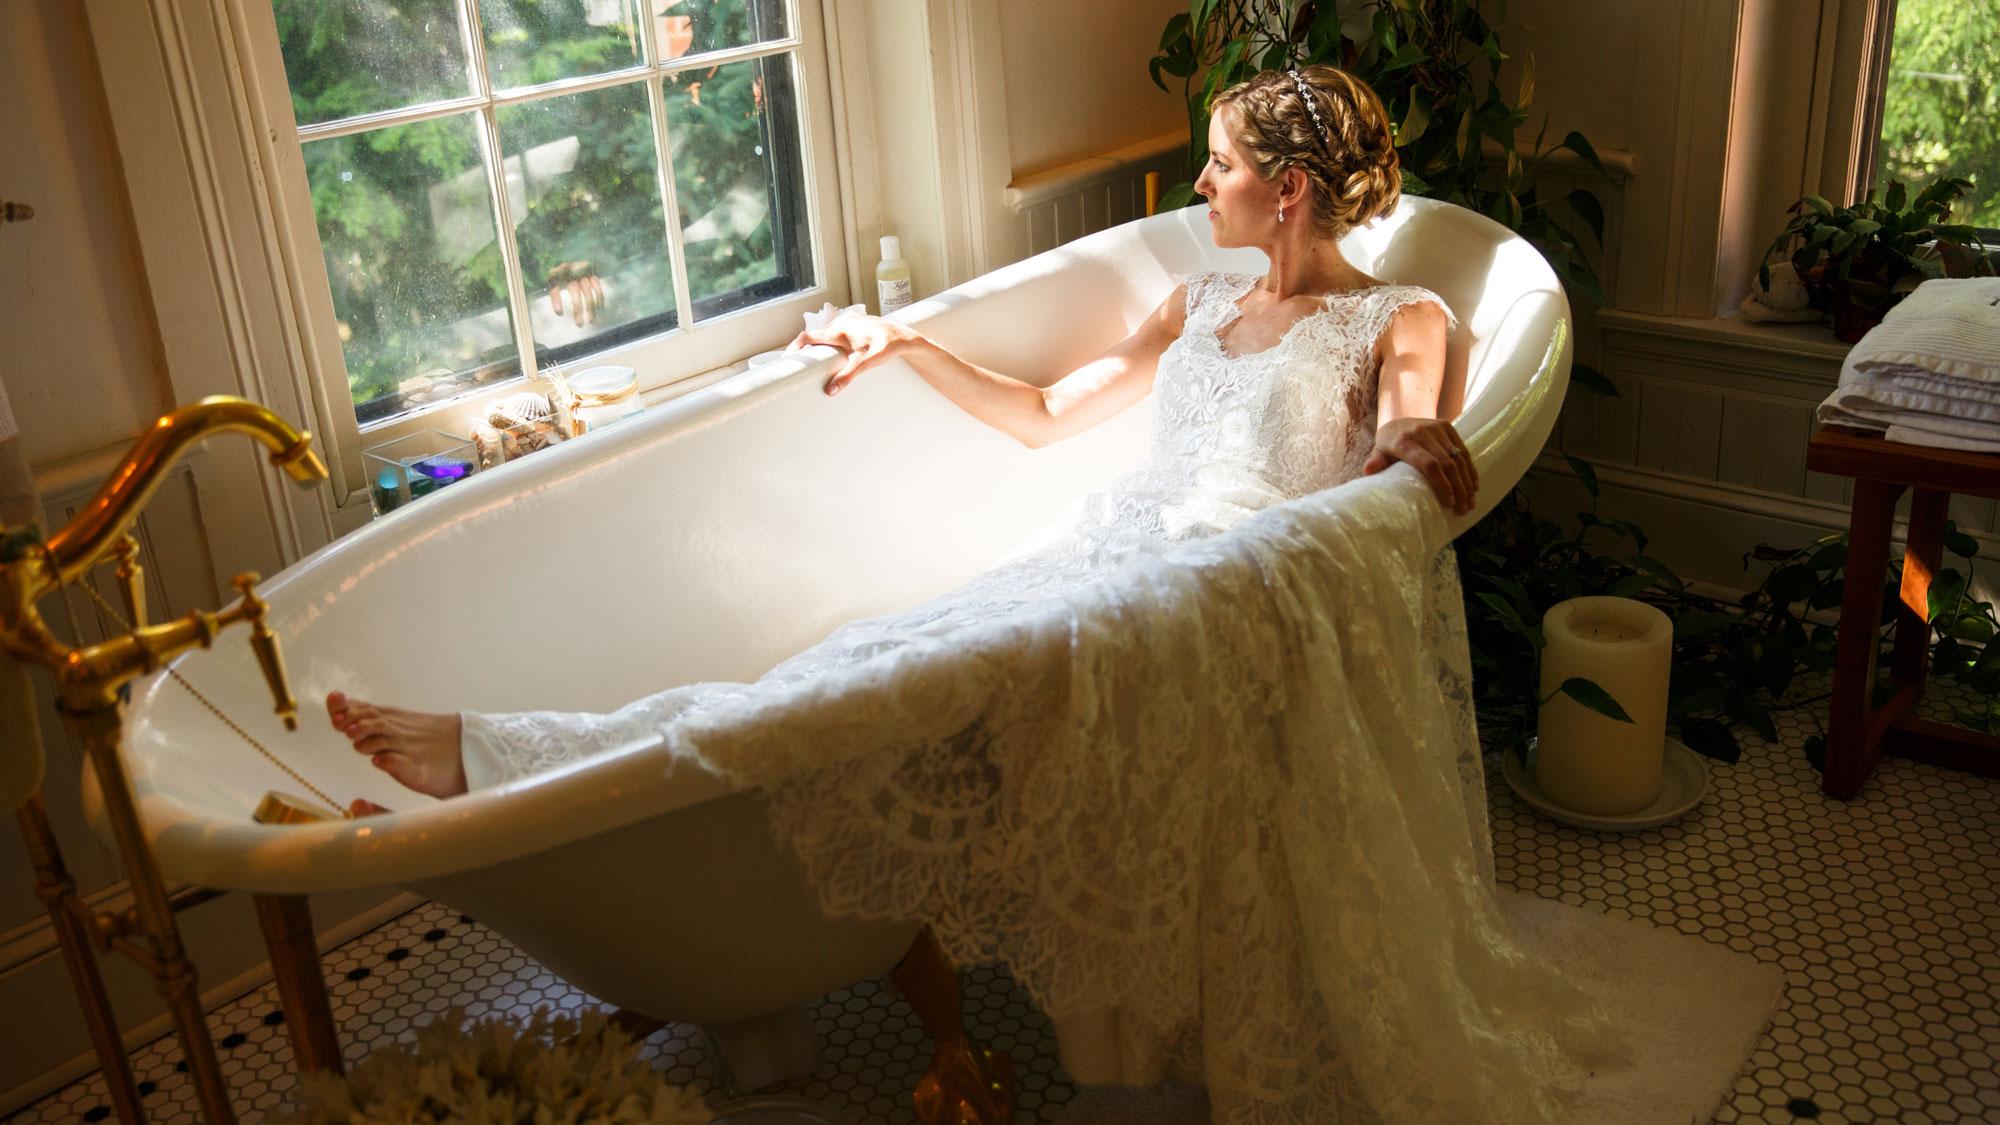 11---Elizabeth-in-tub.jpg